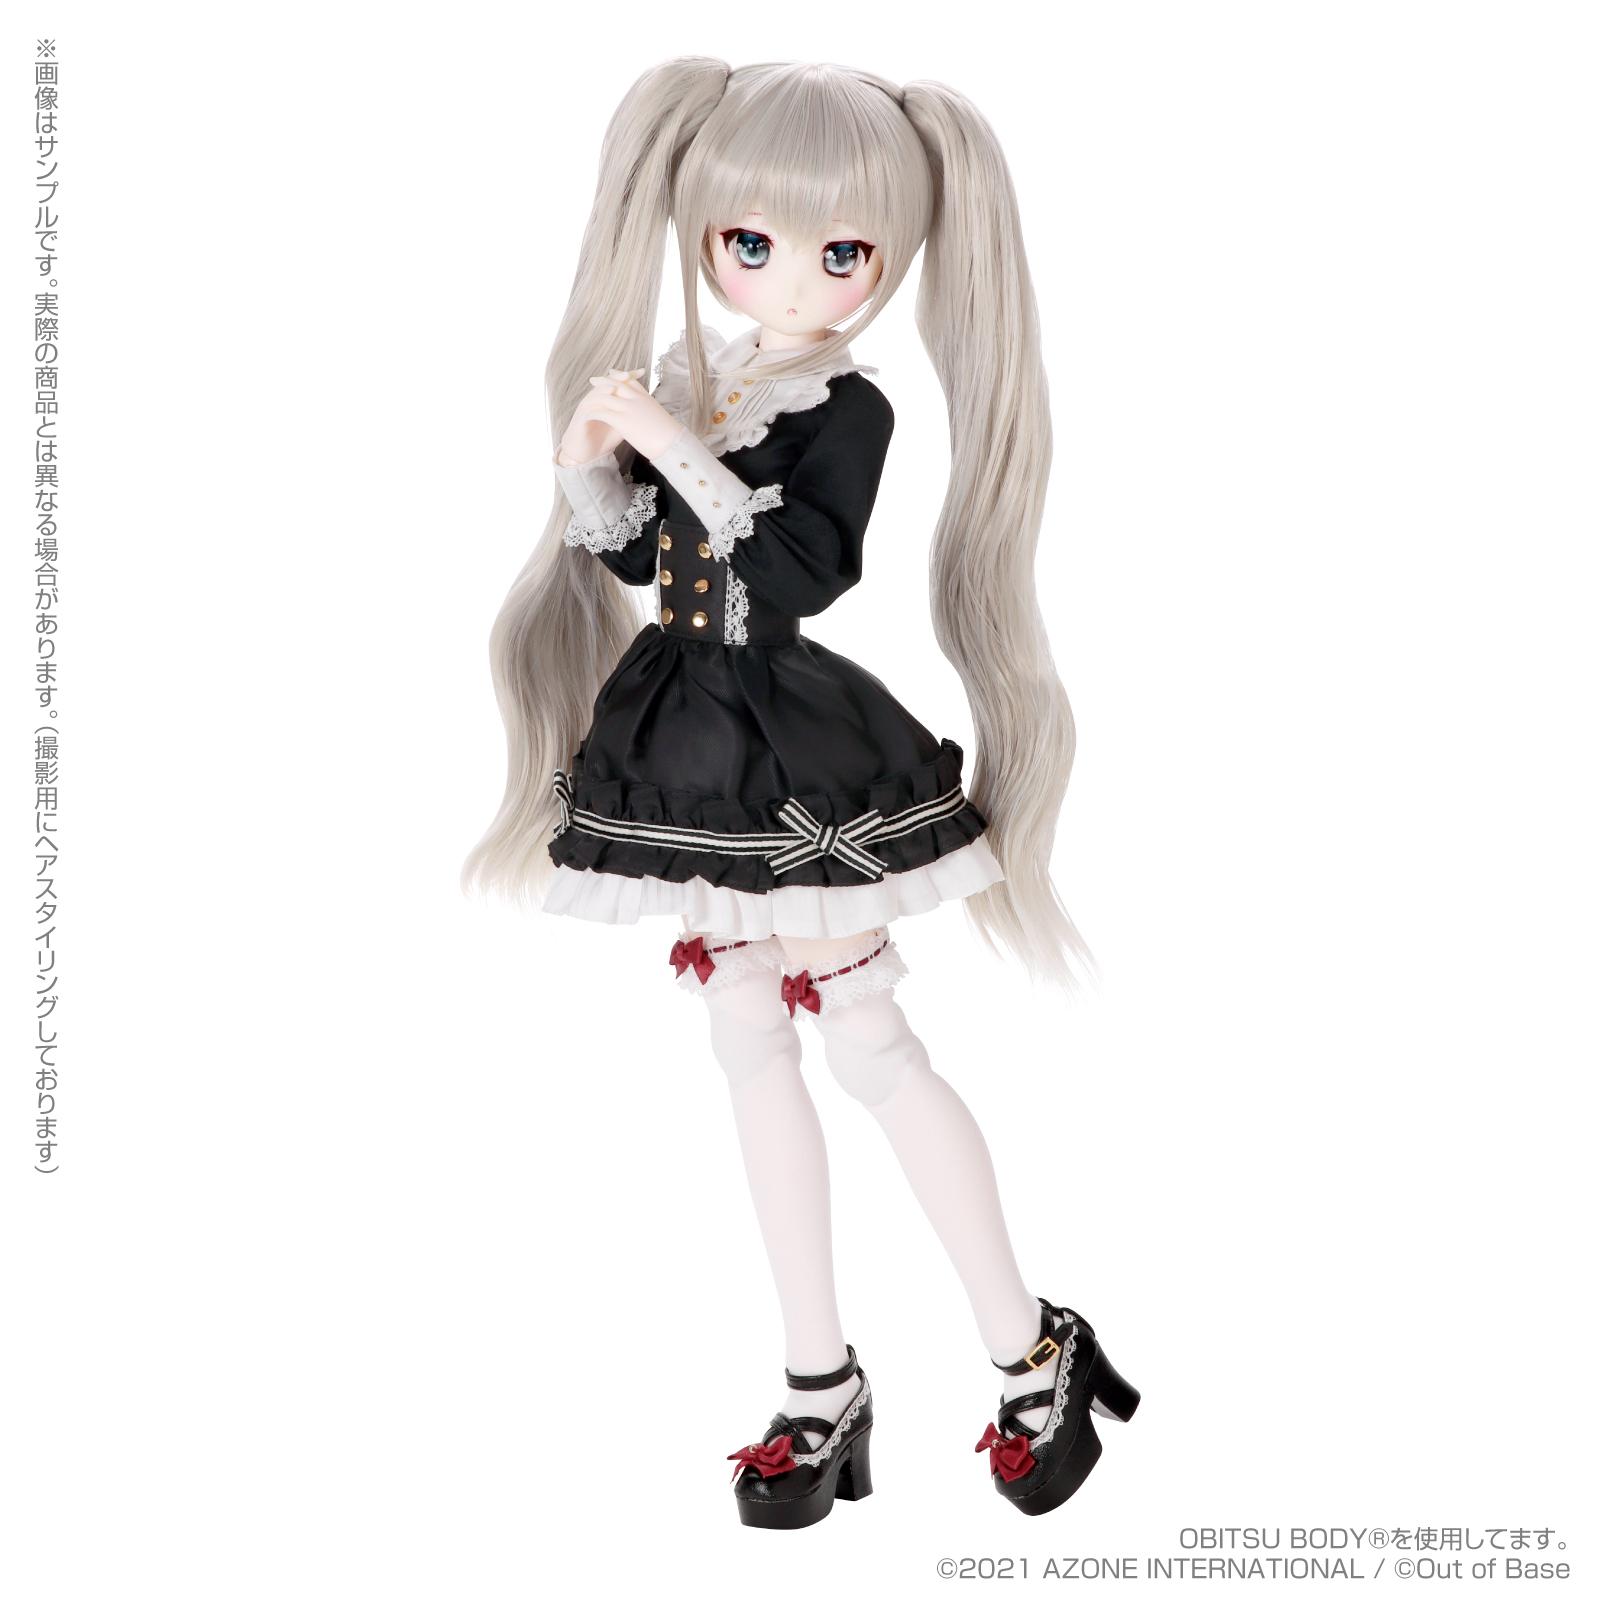 【再販】Iris Collect petit『すずね/~Wonder fraulein~Goth×Loli cats(通常販売ver.)』アイリスコレクト プチ 1/3 完成品ドール-009